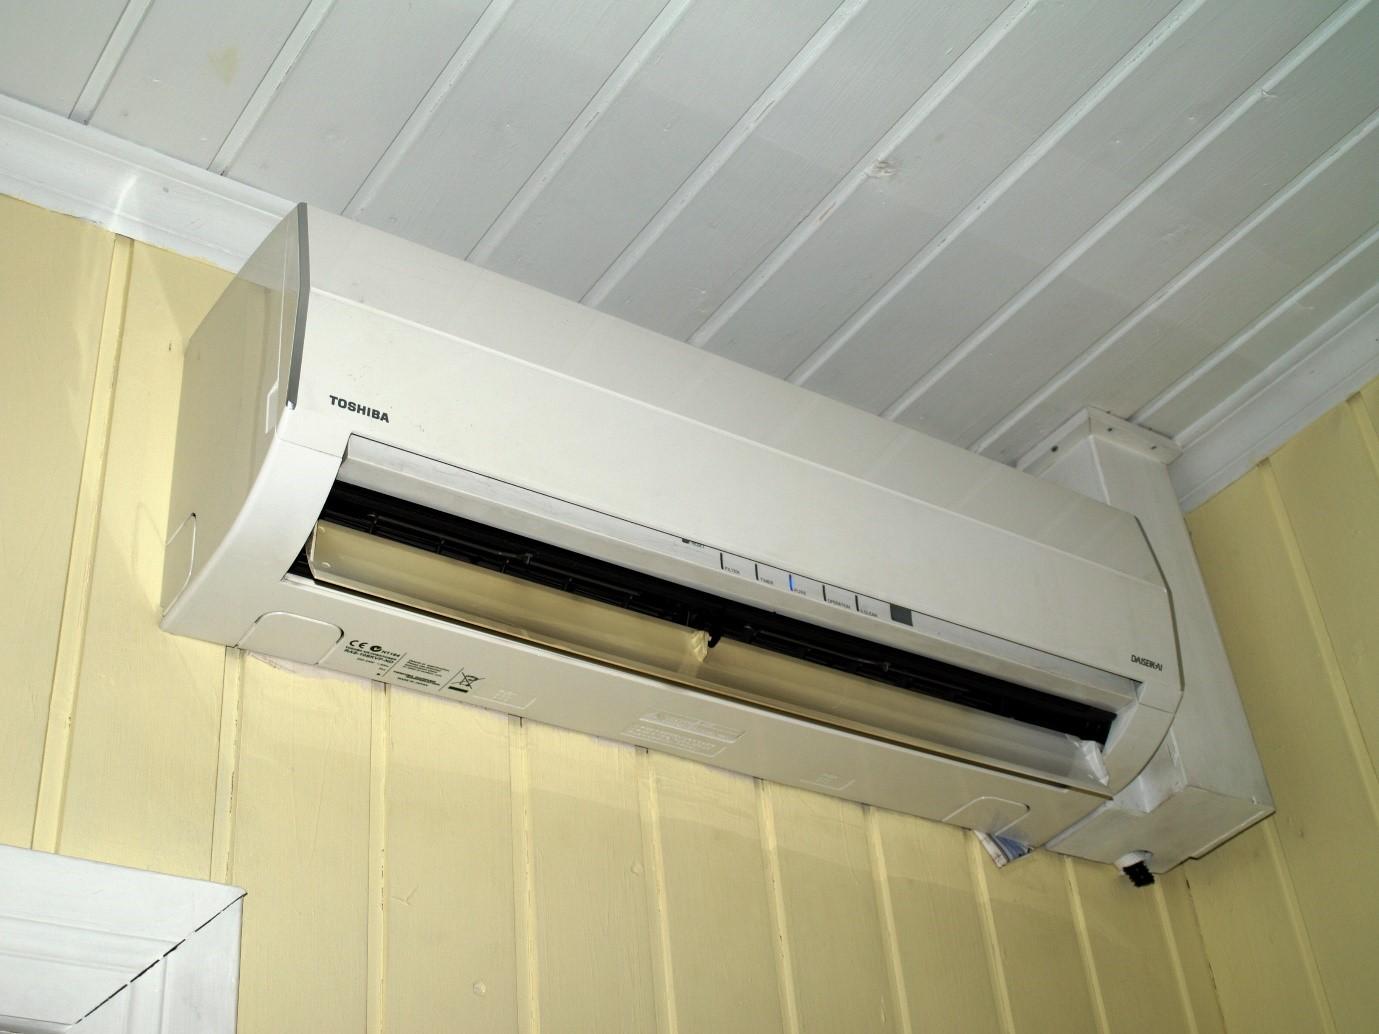 Oro kondicionierių montavimas: pačiam ar su specialistais?